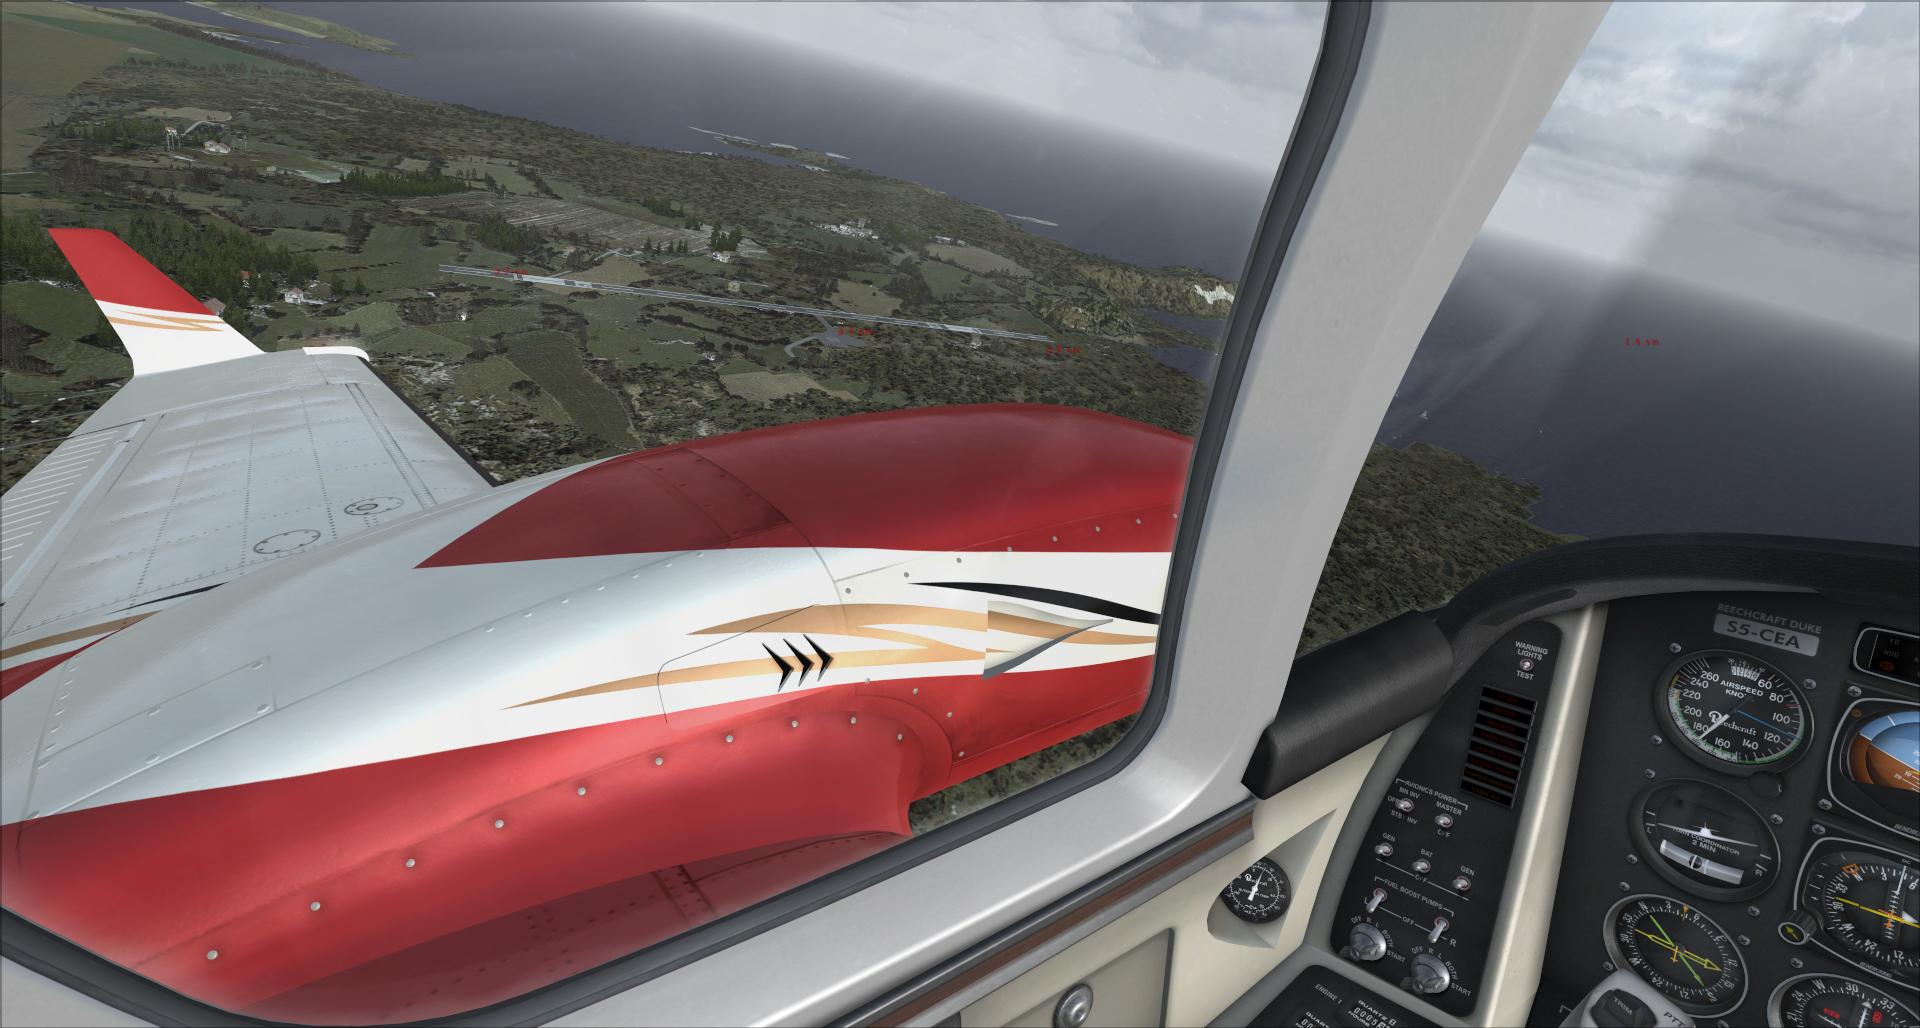 Rapport du vol: Ouessant (LFEC) à Ile de Re (LFBH) 289062201411420400955